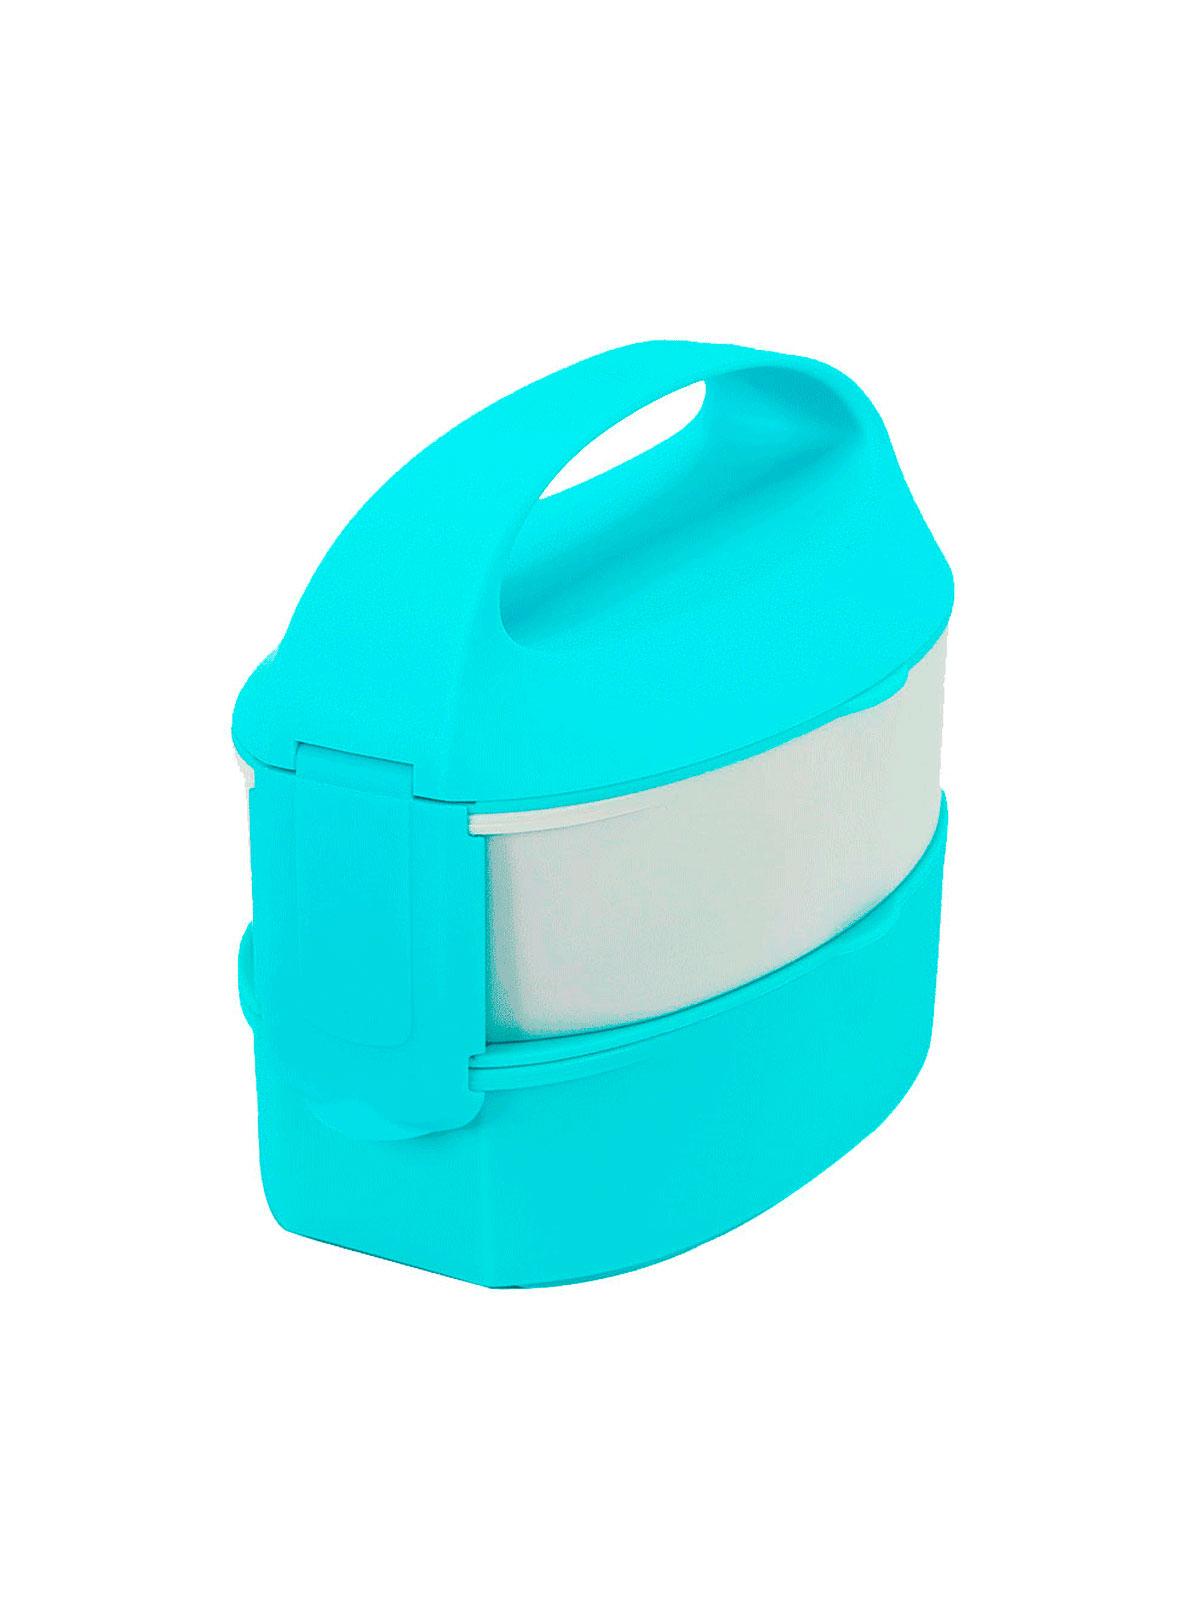 Bllbx02 cubl porta alimentos azul 2 comprar tienda online for Lista de menaje de cocina